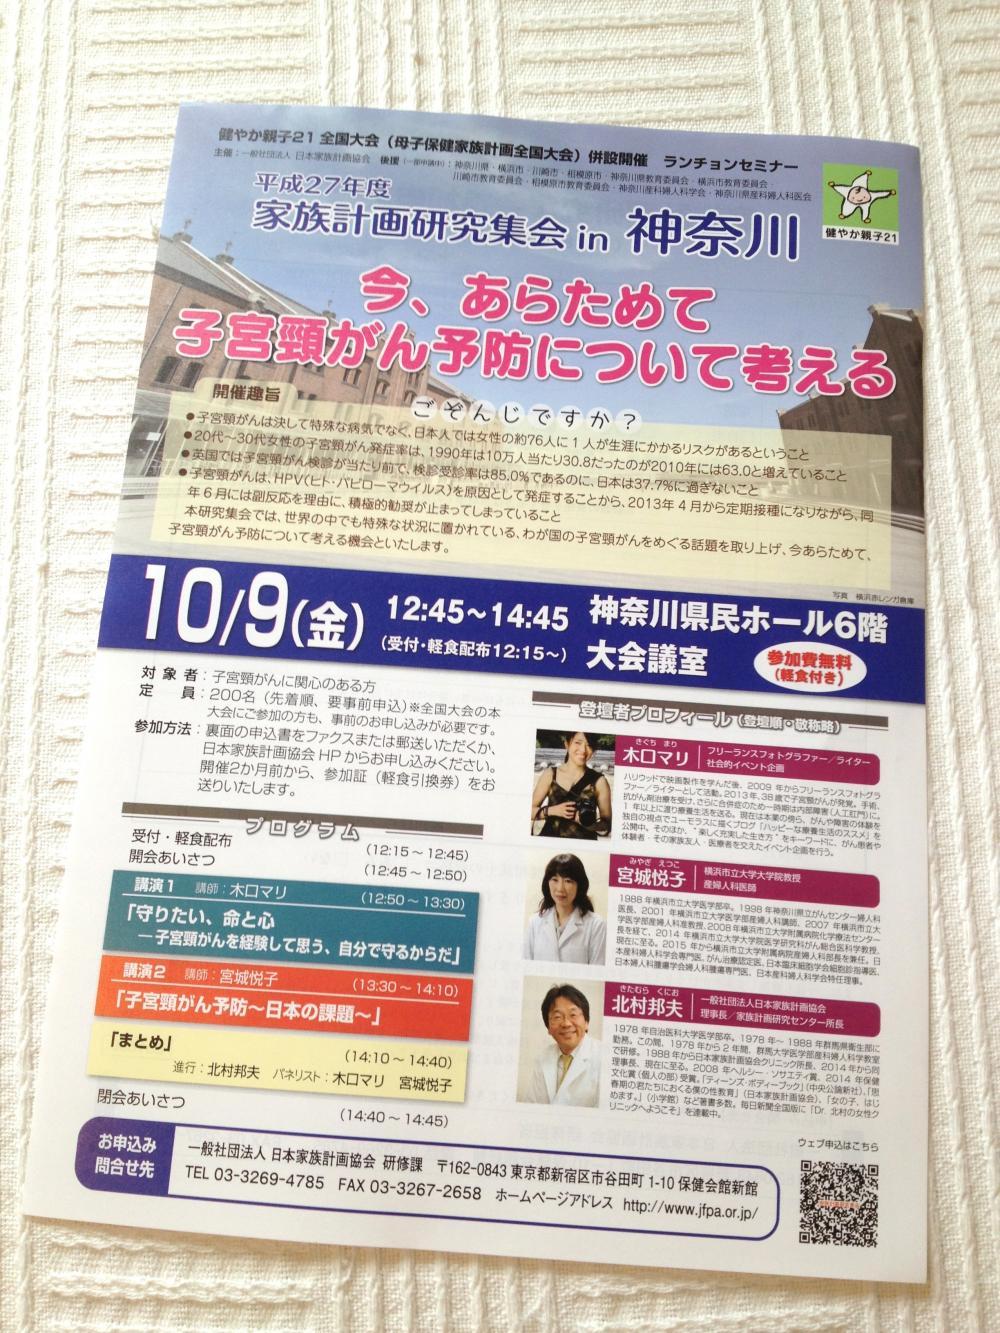 日本家族計画協会チラシ